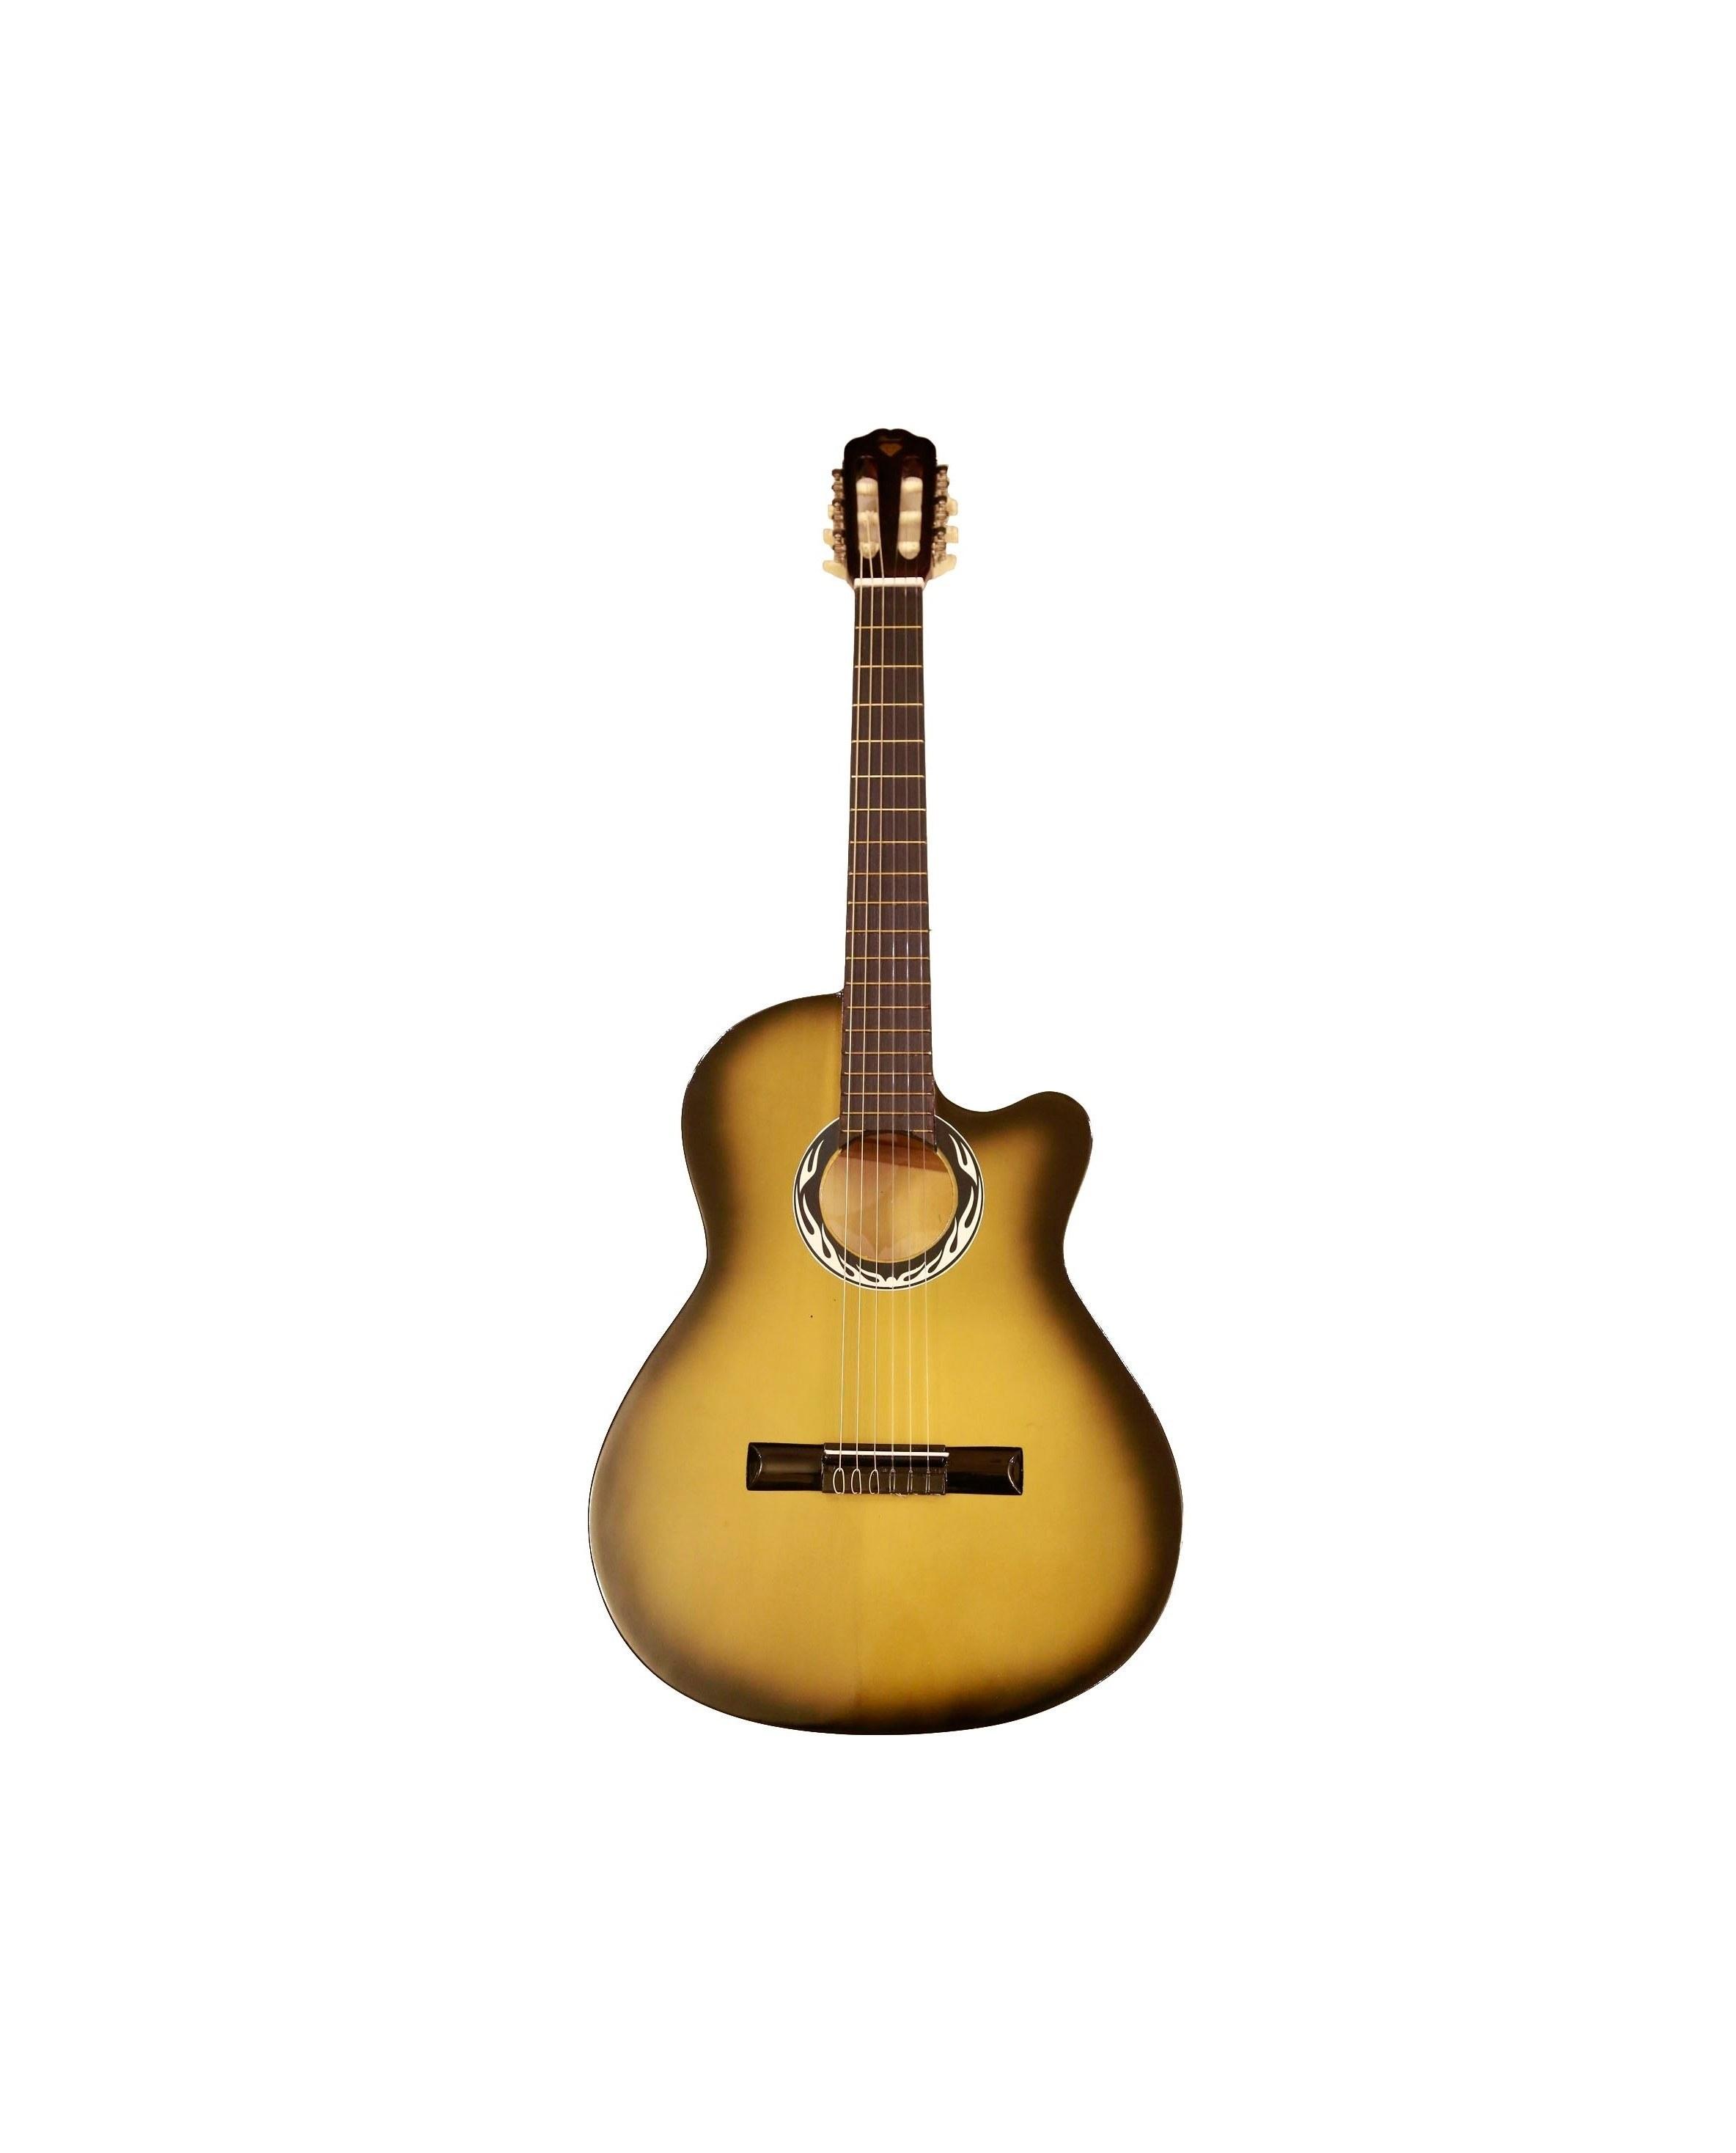 گیتار دیاموند |